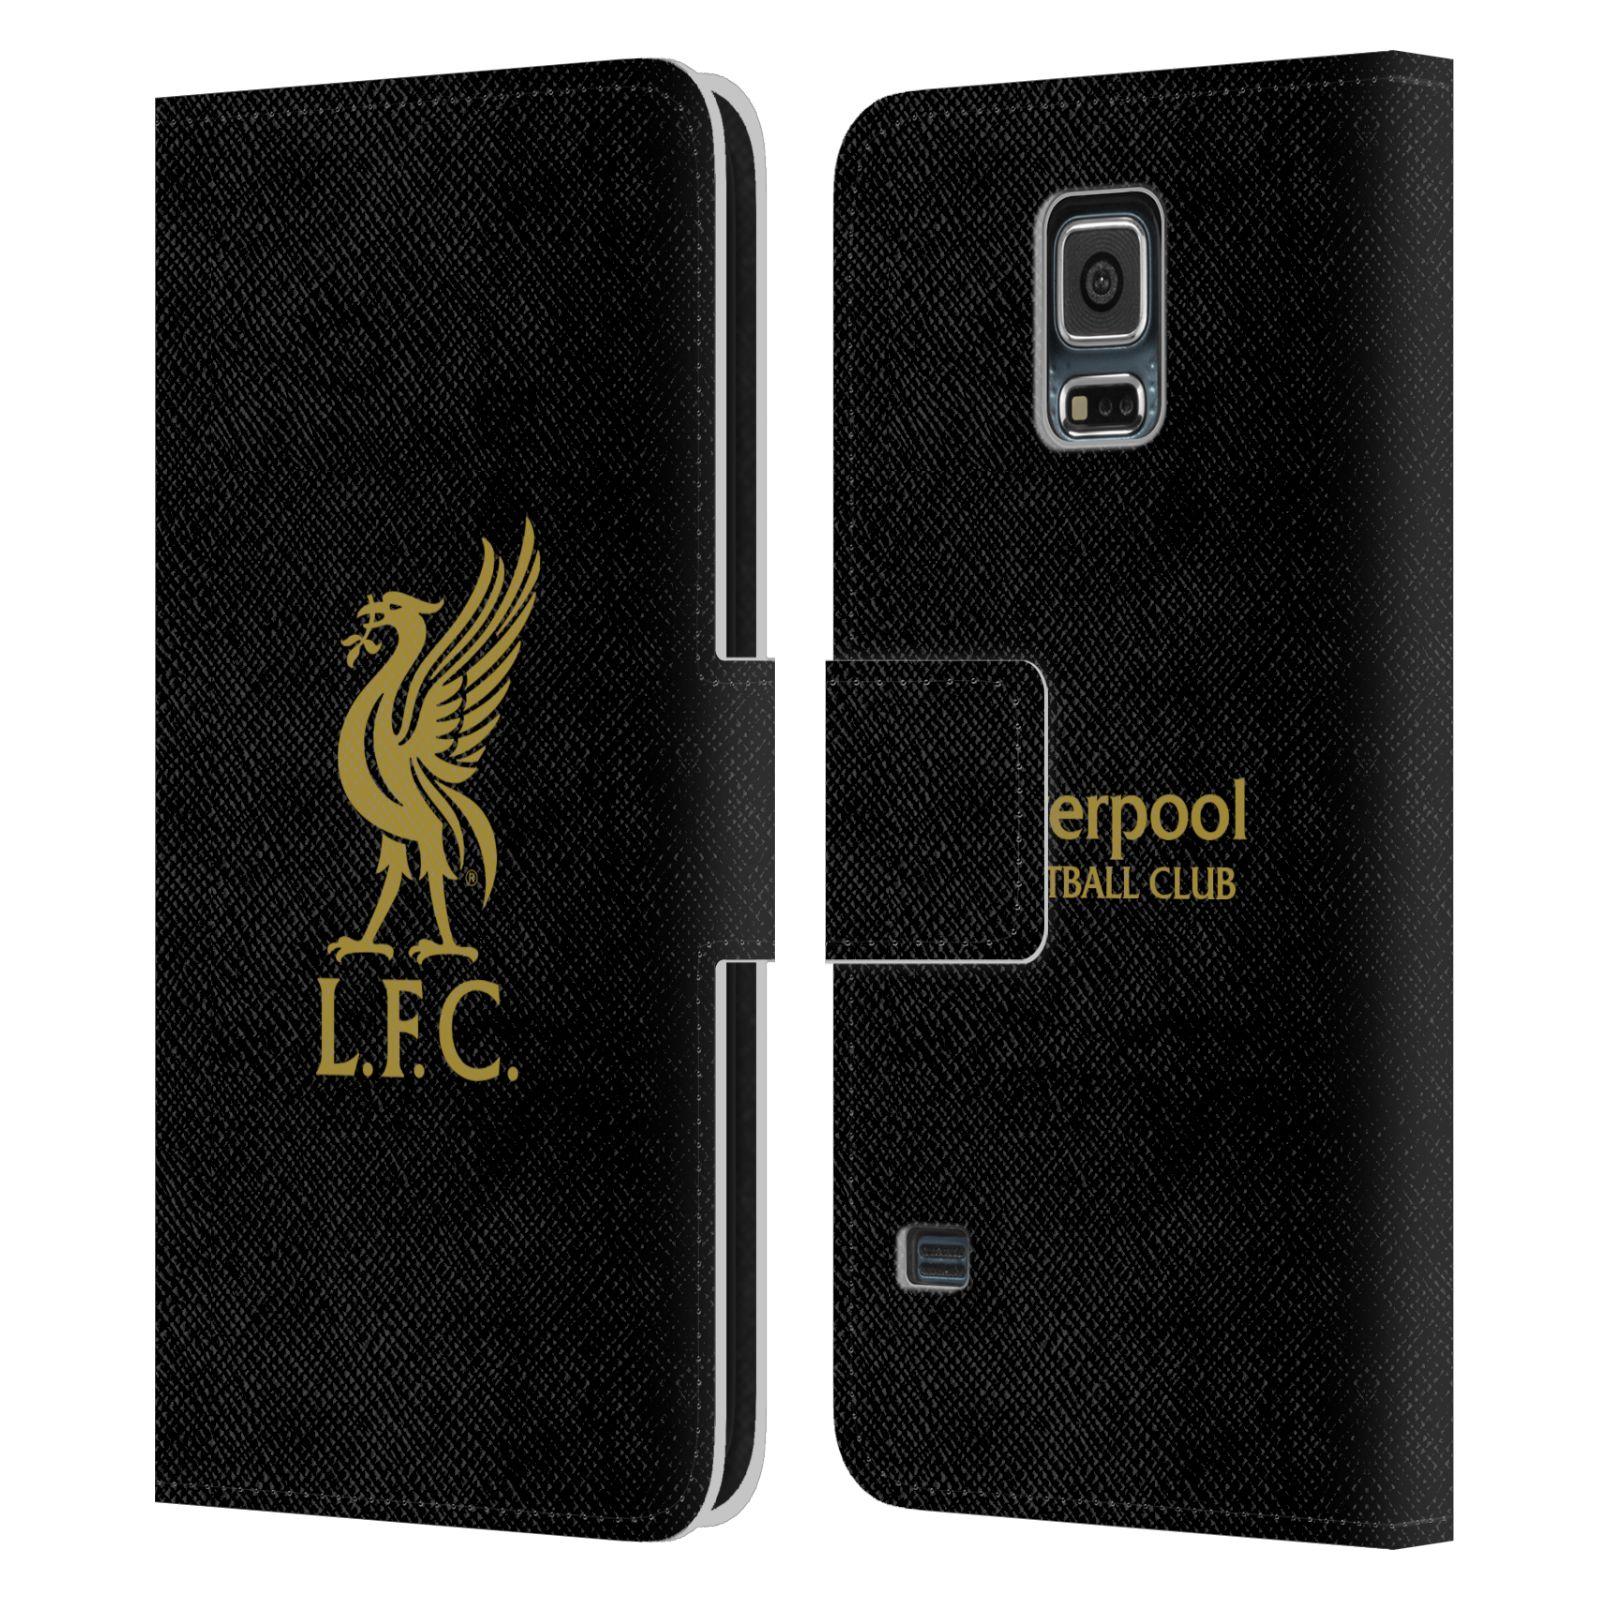 HEAD CASE Flipové pouzdro pro mobil Samsung Galaxy S5 / S5 NEO LIVERPOOL FC OFICIÁLNÍ ZNAK zlatá na černé